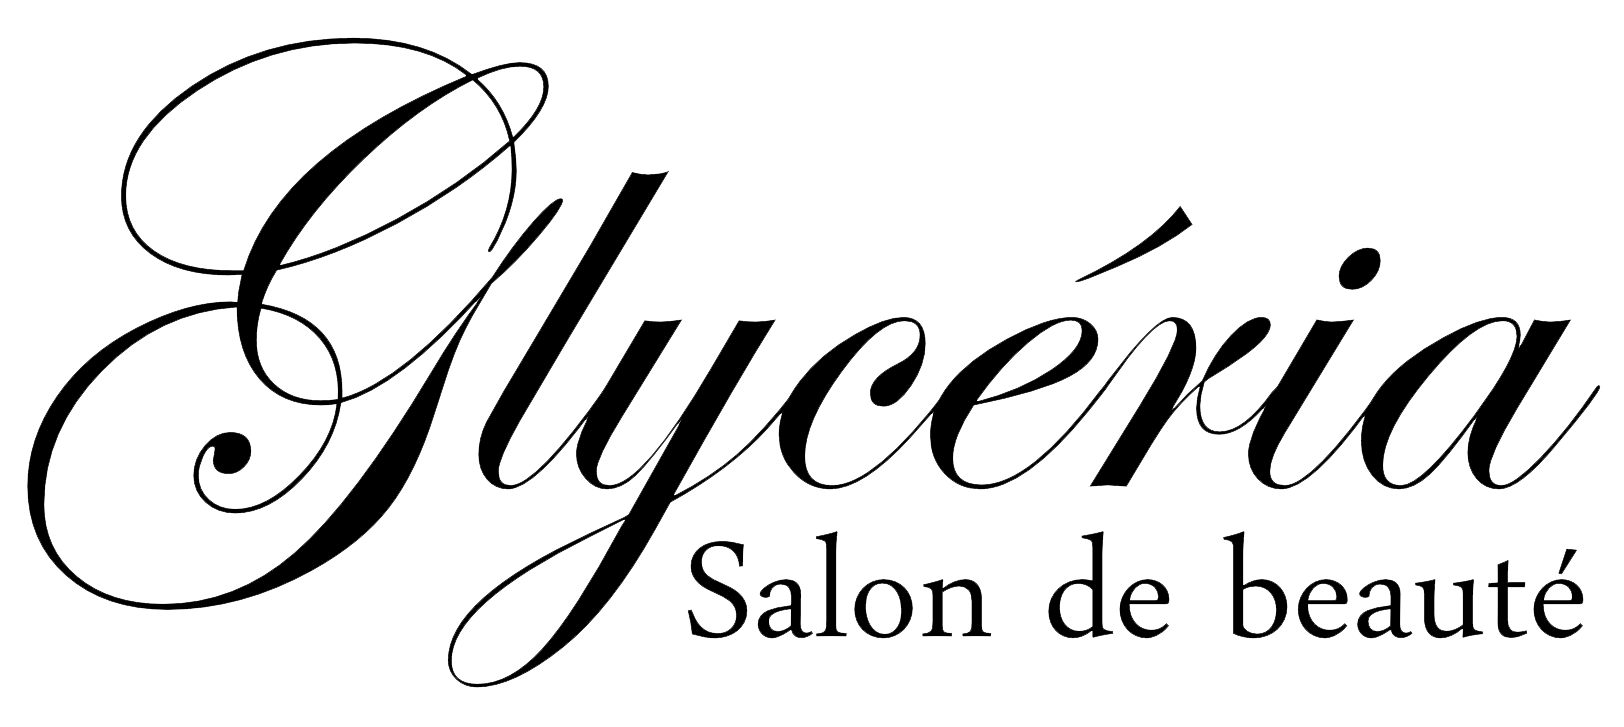 Glyceria Salon de Beauté